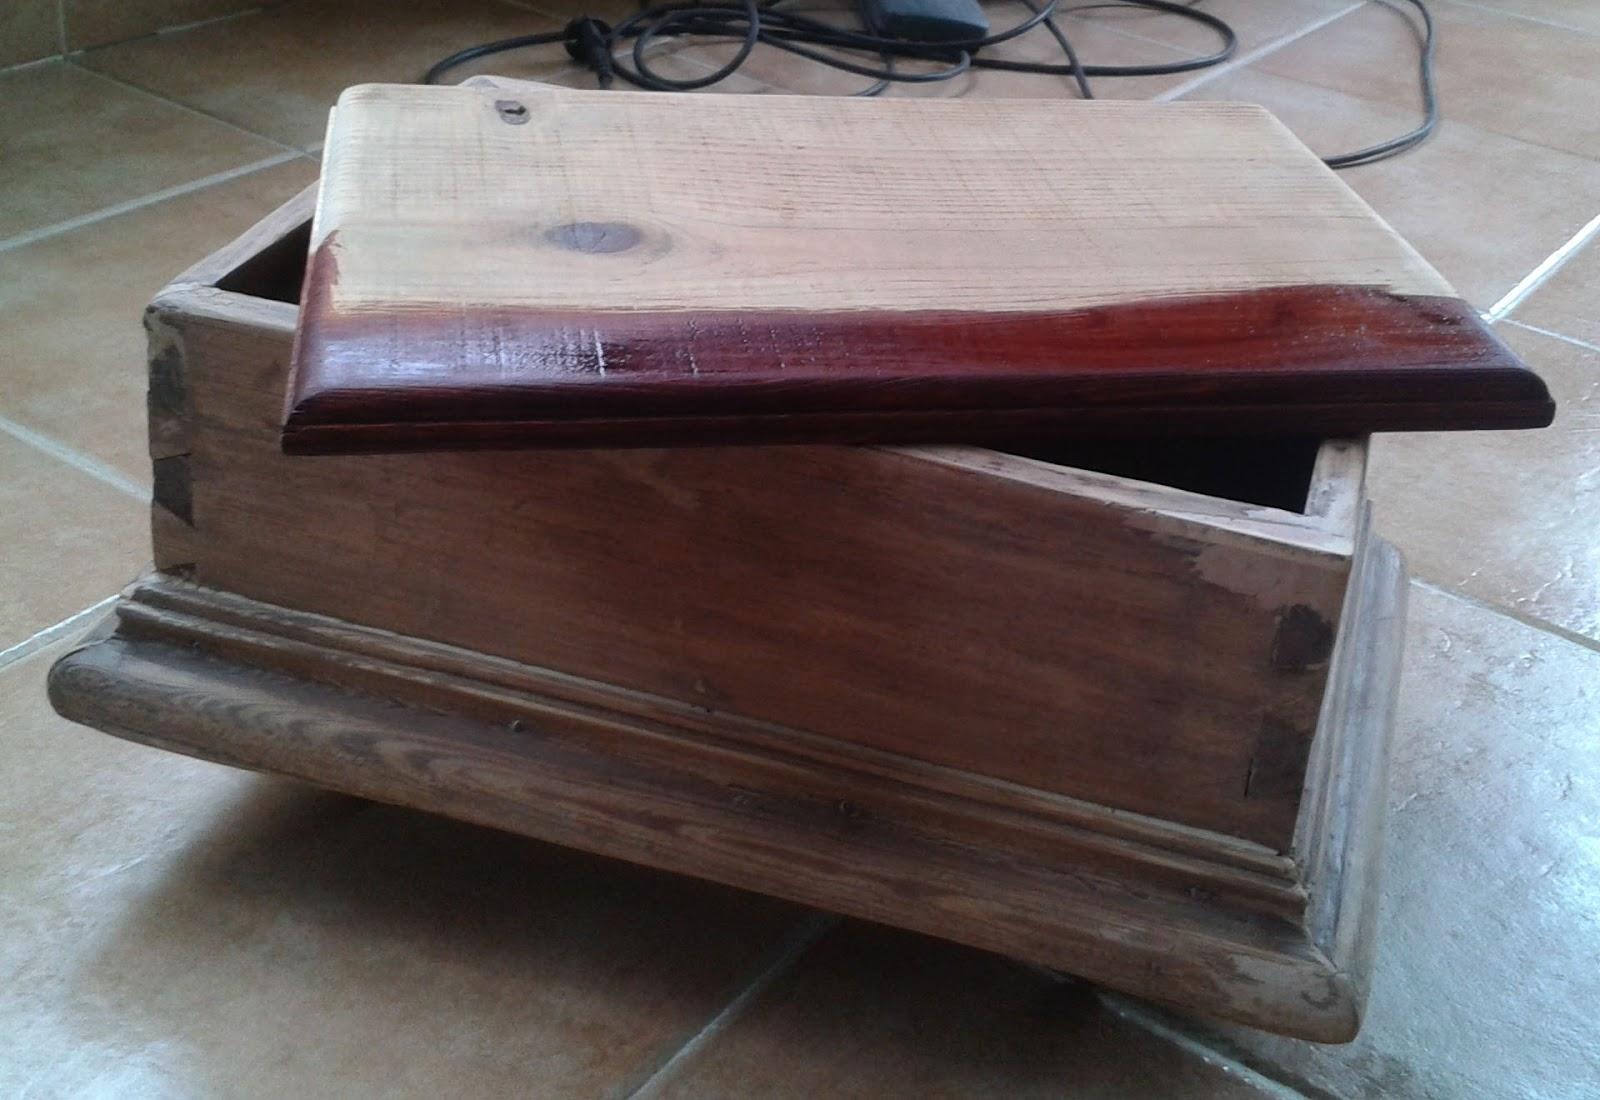 La artesan a de ana restauraci n caja costurera de madera for Restauracion tejados de madera